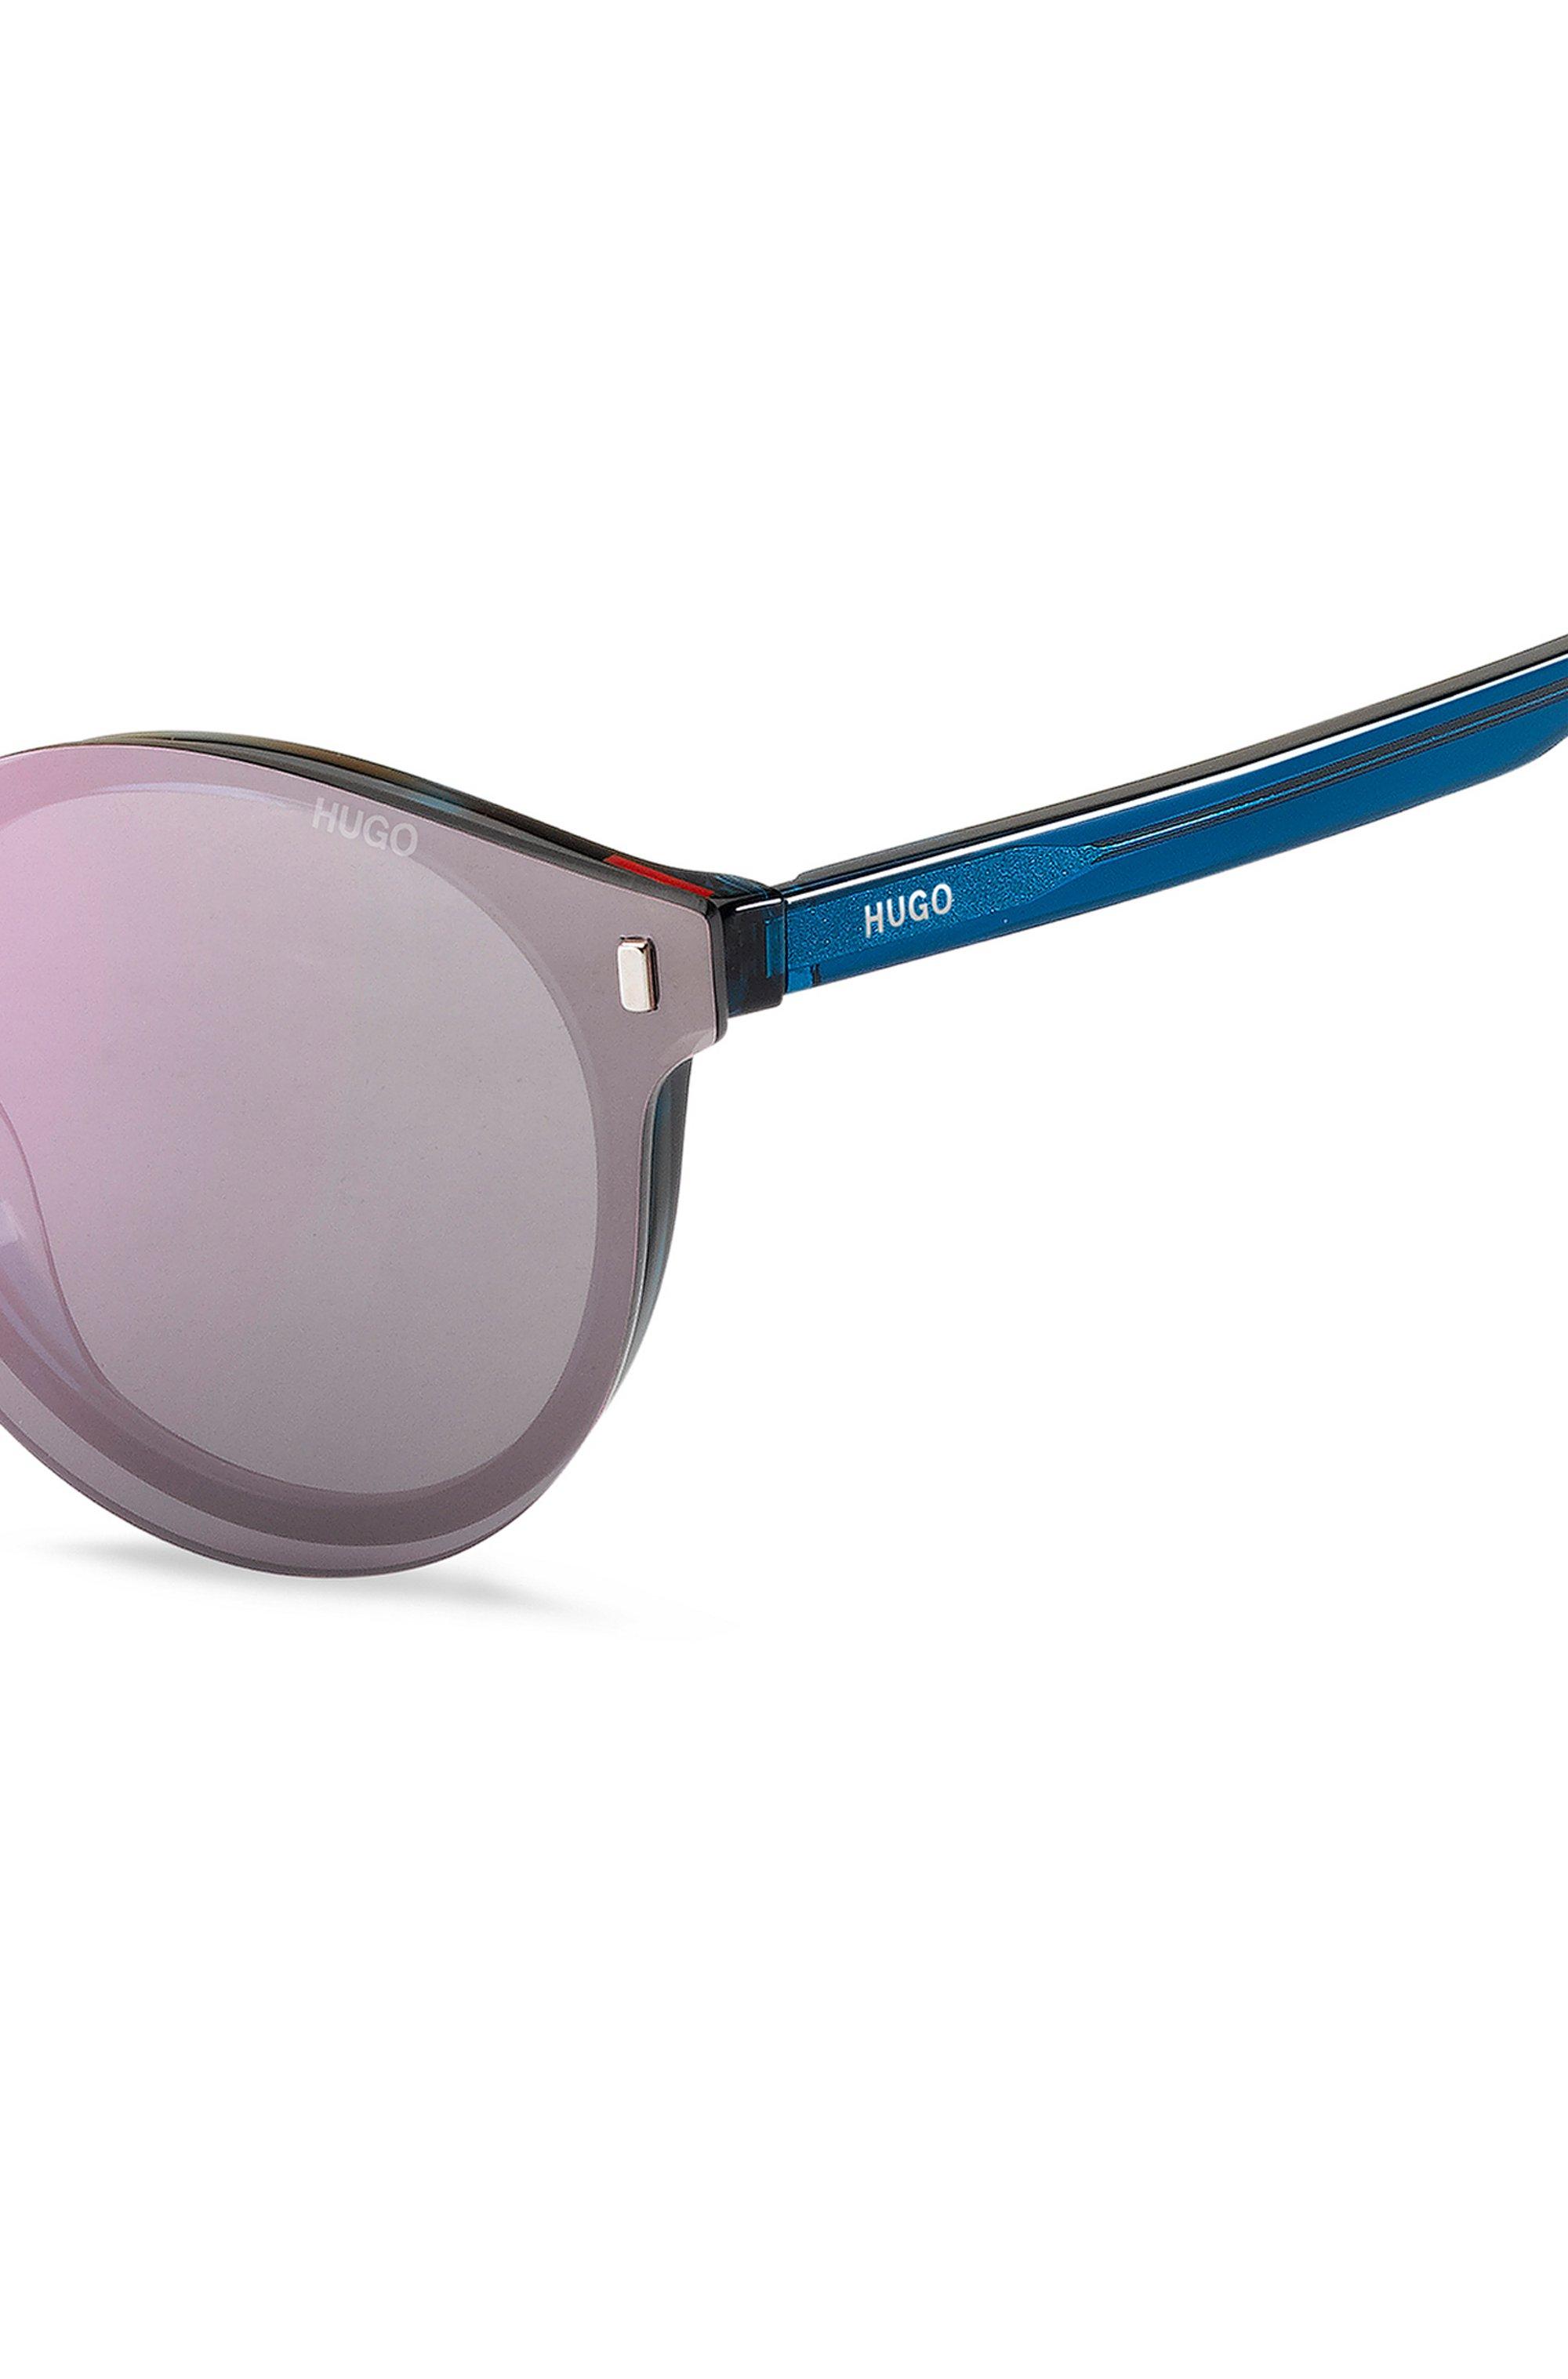 Blue-Havana optical frames with violet clip-on